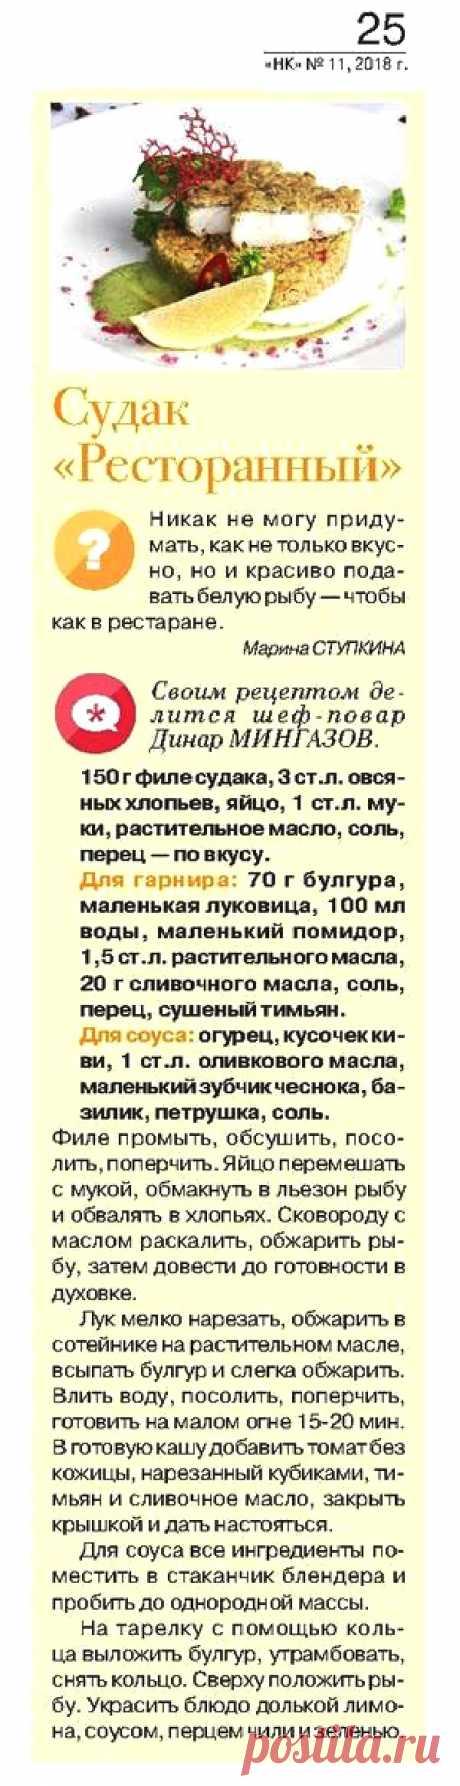 """Судак """"Ресторанный"""""""